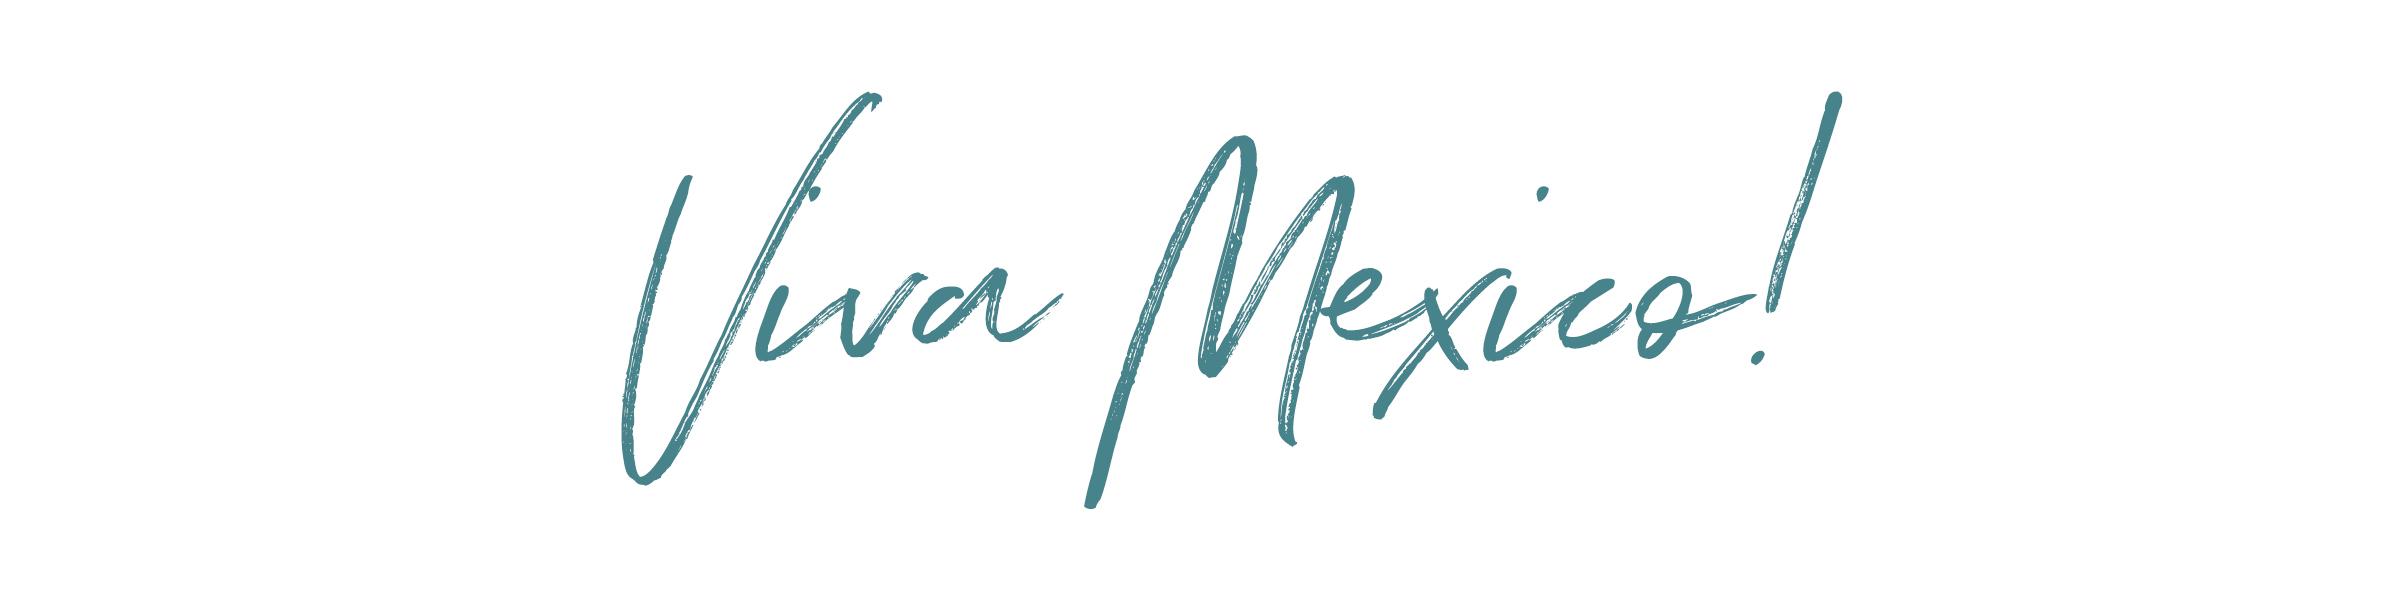 Viva Mexico.jpg